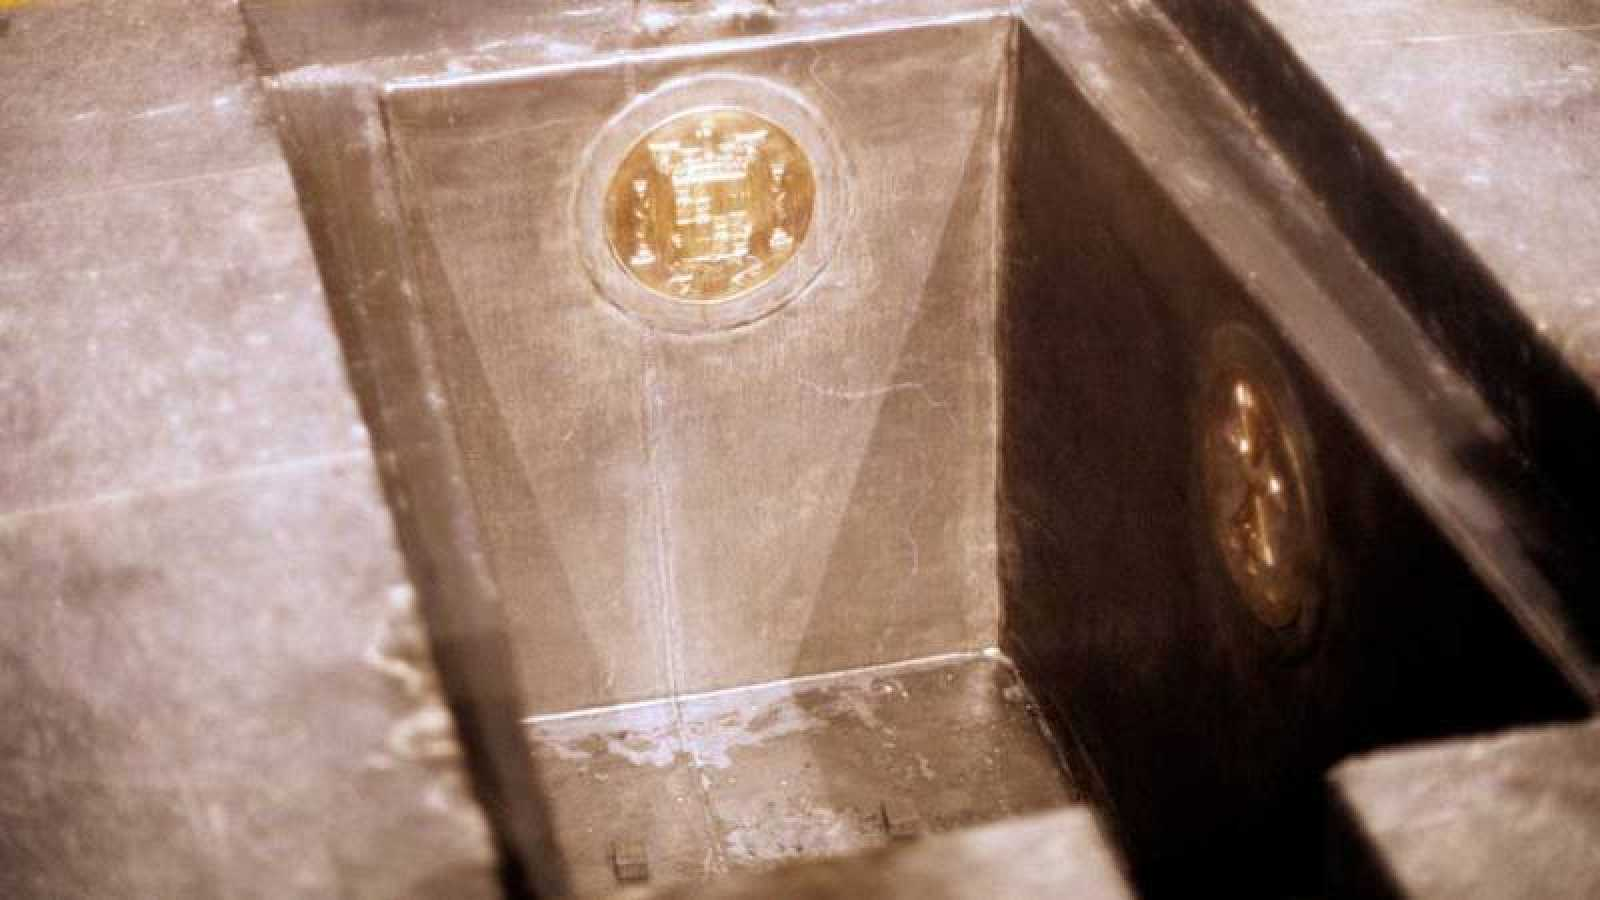 Tumba vacía del dictador antes de ser sepultado en el Valle de los Caídos el año 1975